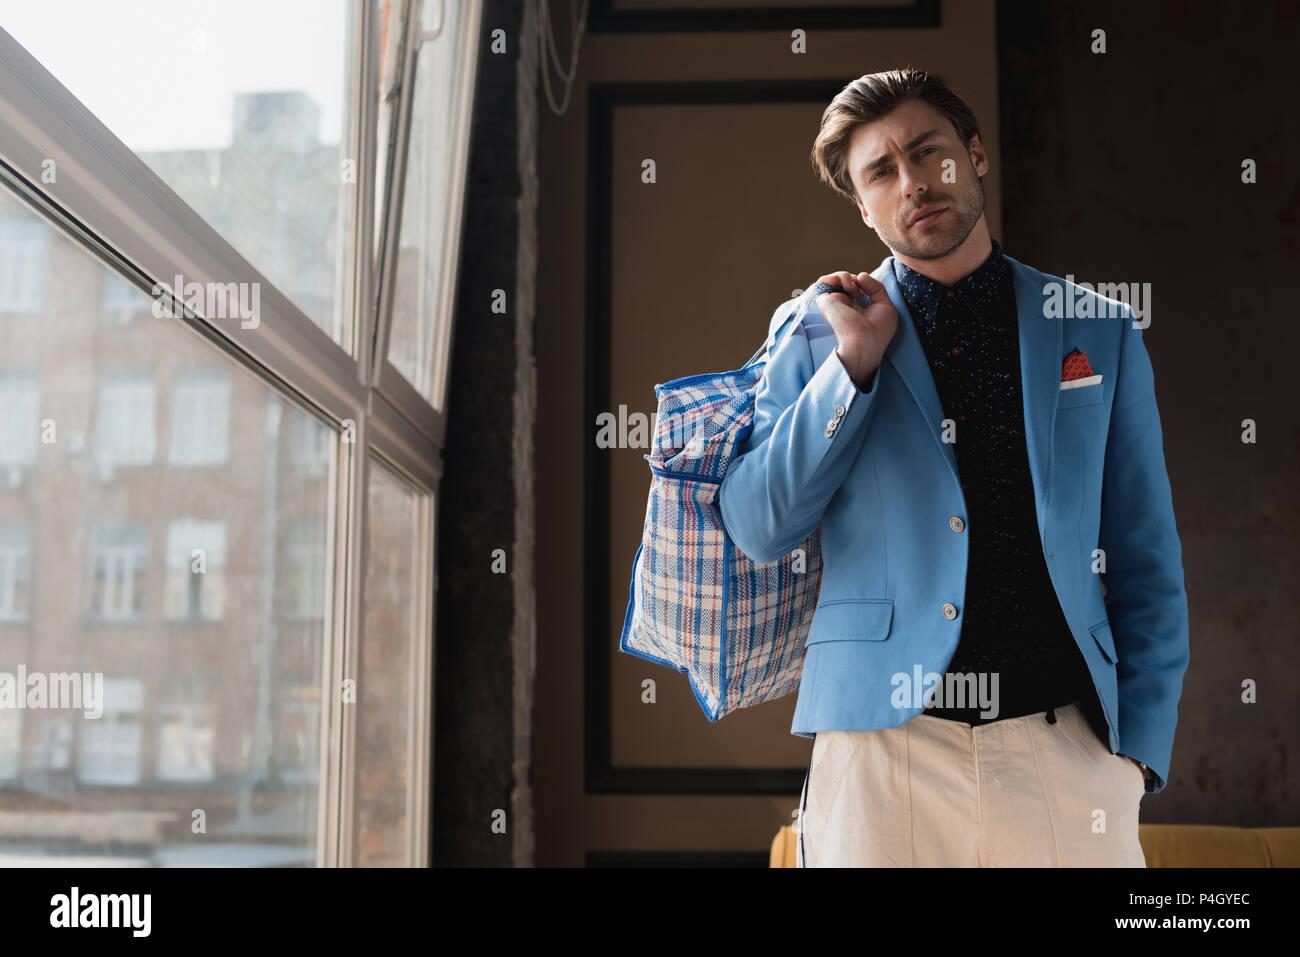 Joven con estilo vintage bolsón con cremallera para llevar al hombro. Imagen De Stock